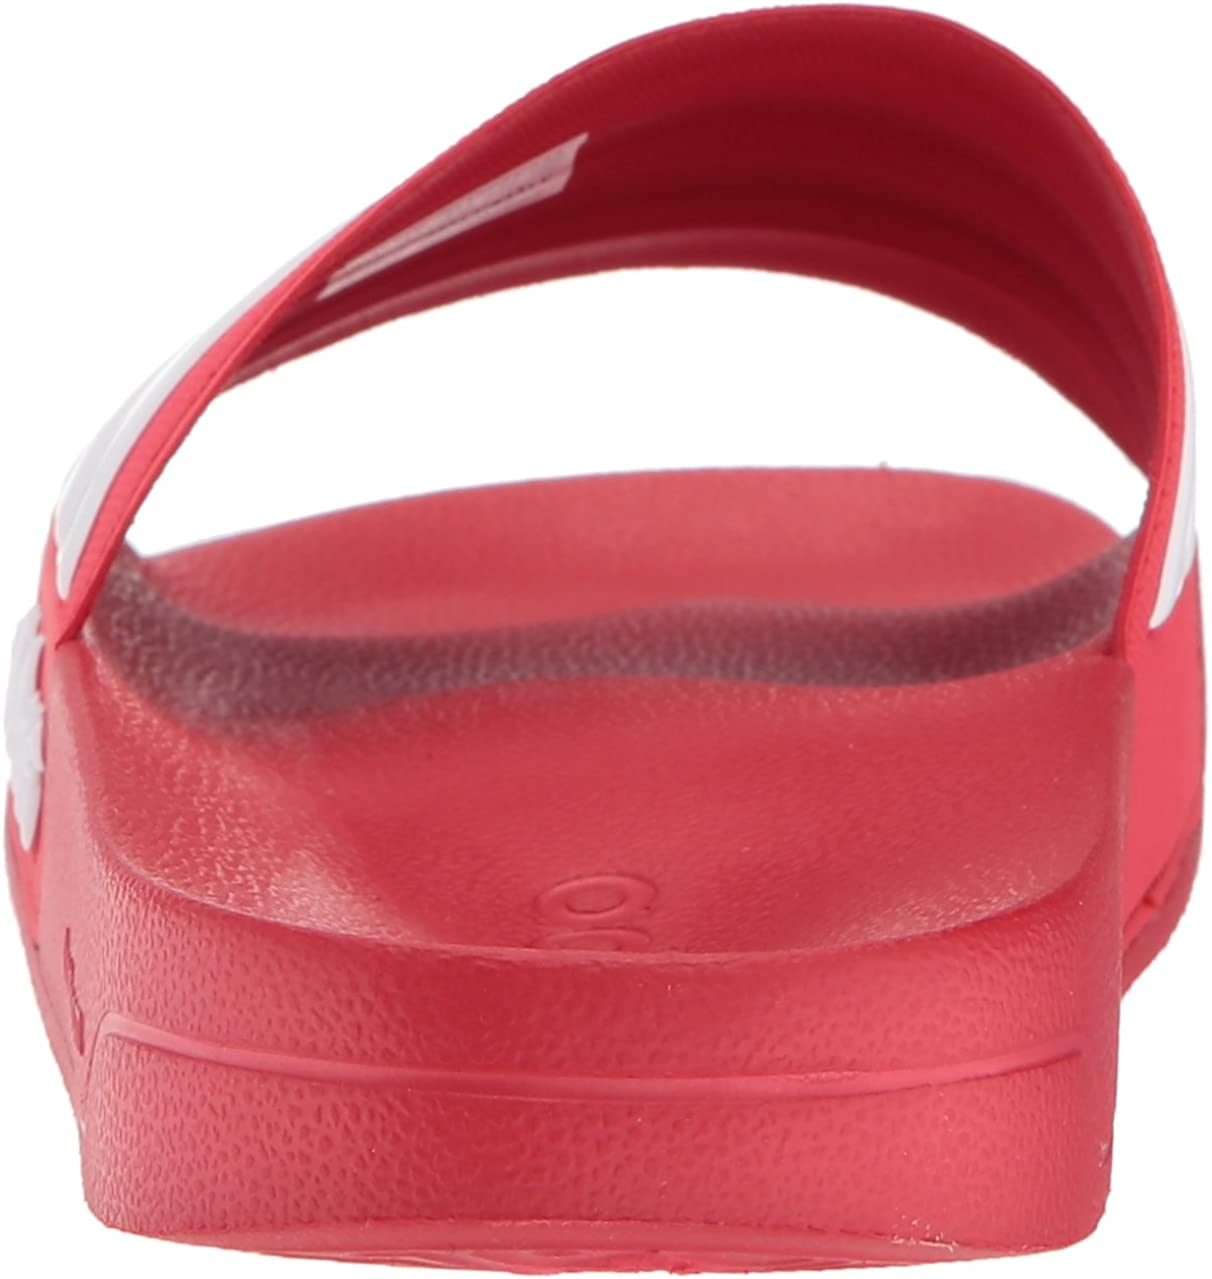 adidas Herren Shower Adilette, Dusche, Scarlet/White/Scarlet Scarlet/White/Scarlet